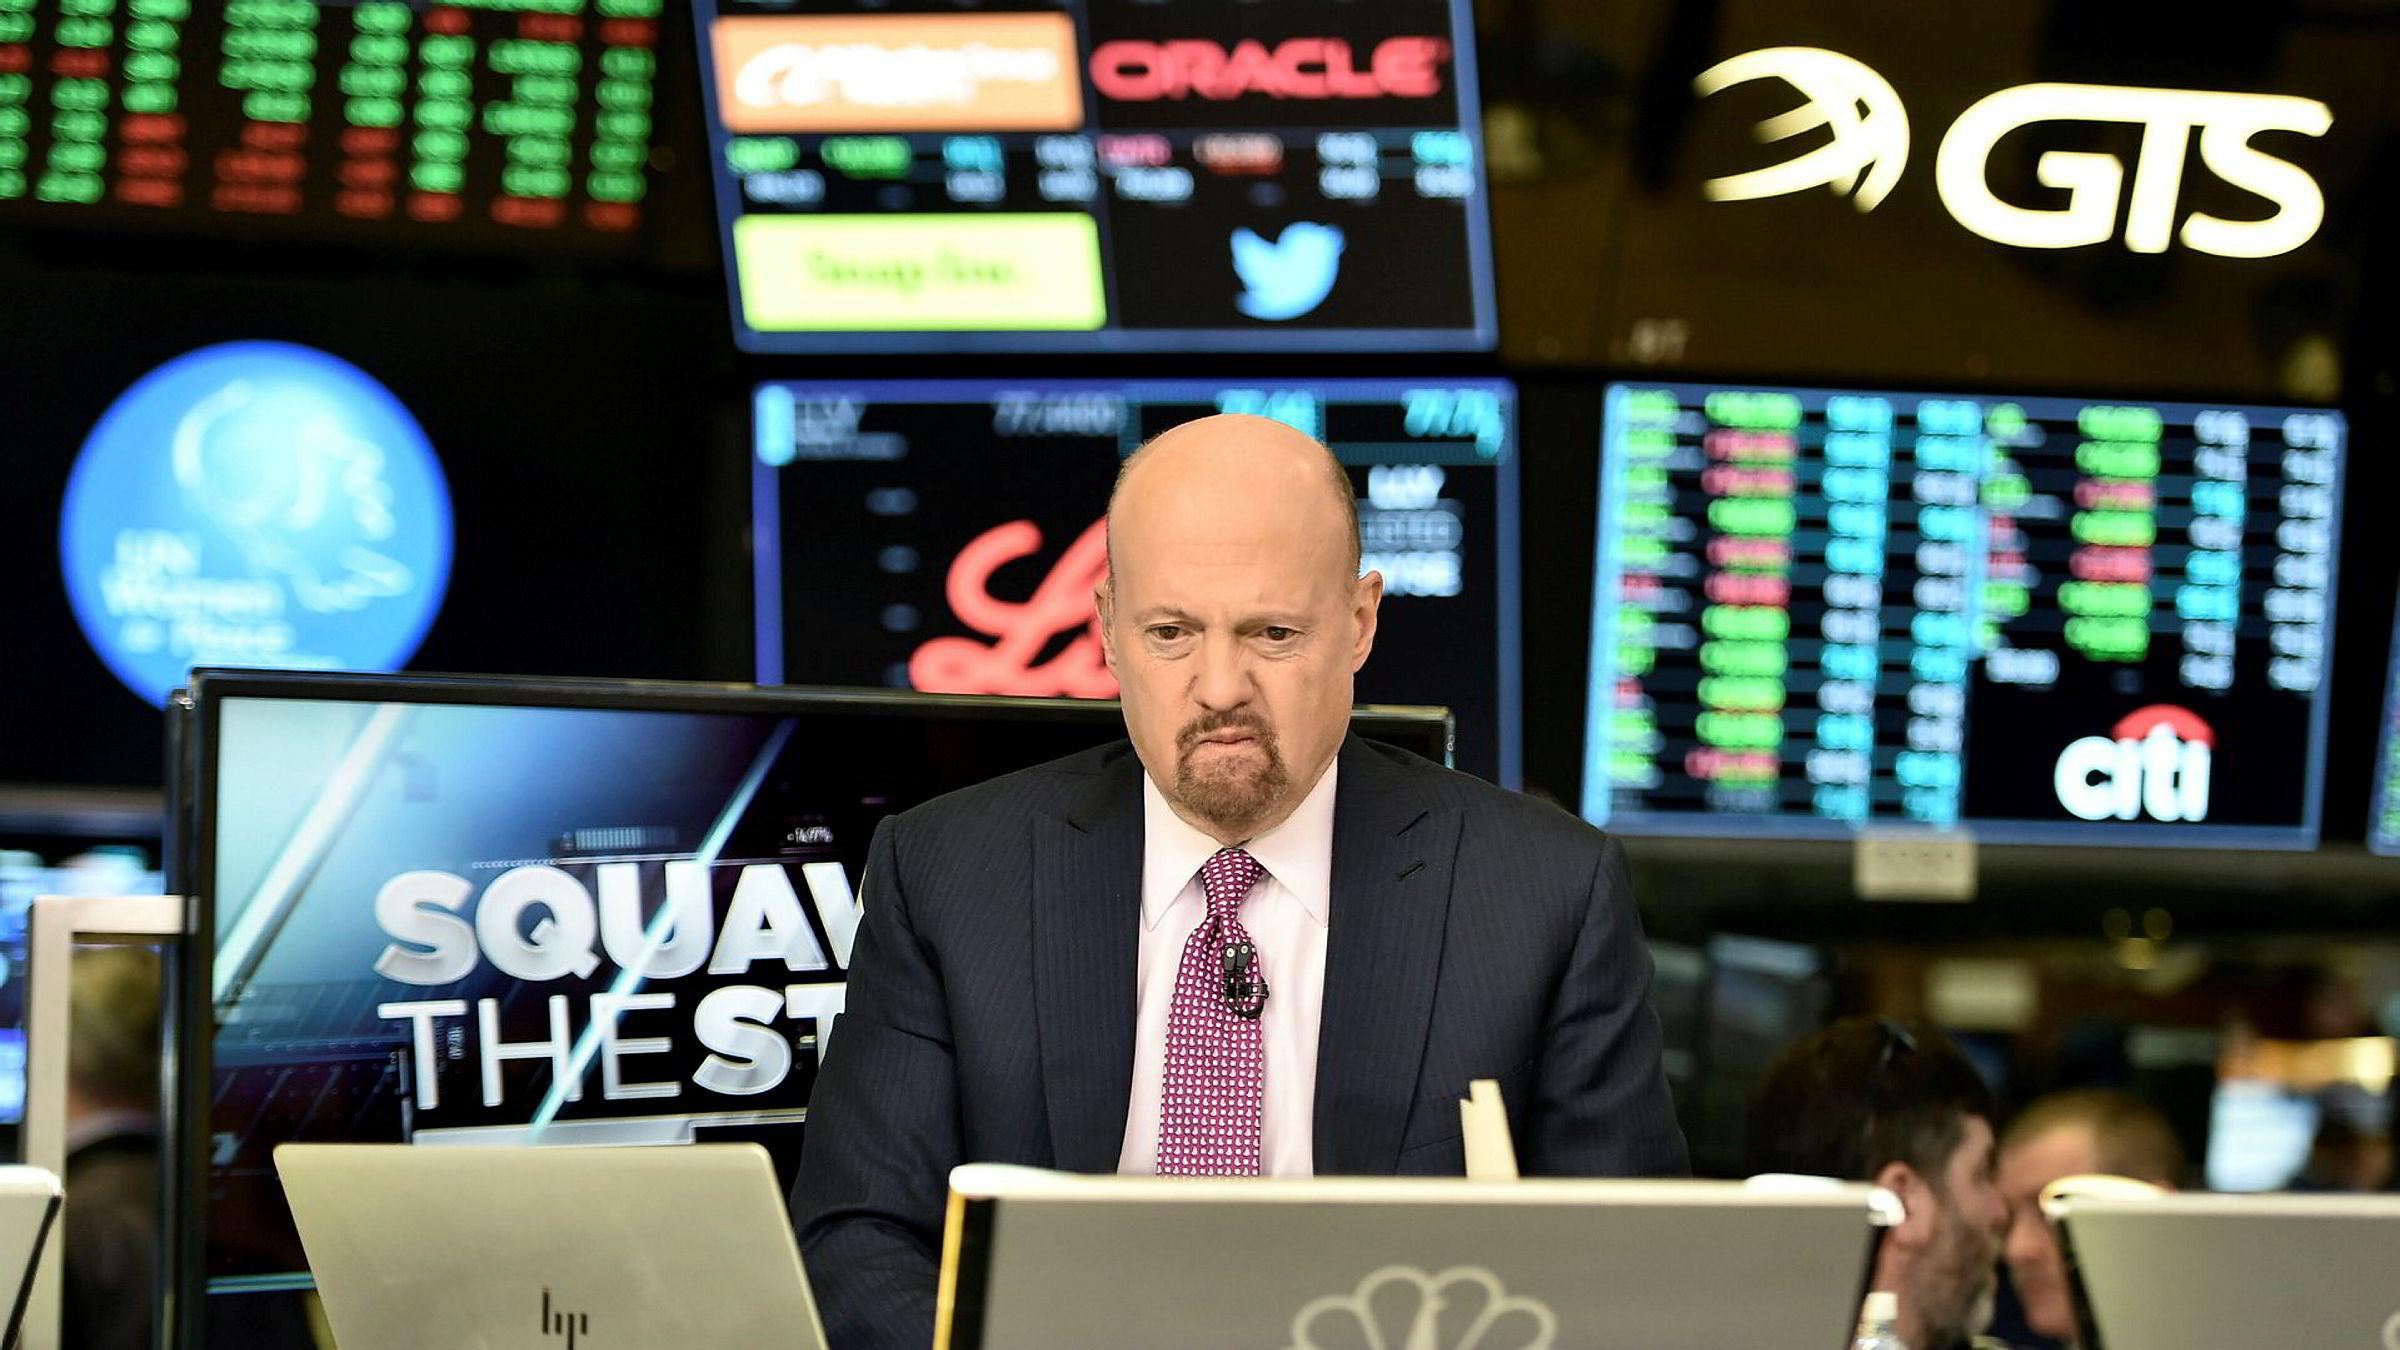 Aksjekommentator Jim Cramer sjokkerte CNBC-seerne med å erklære at oljeselskapene er i en dødsfase.